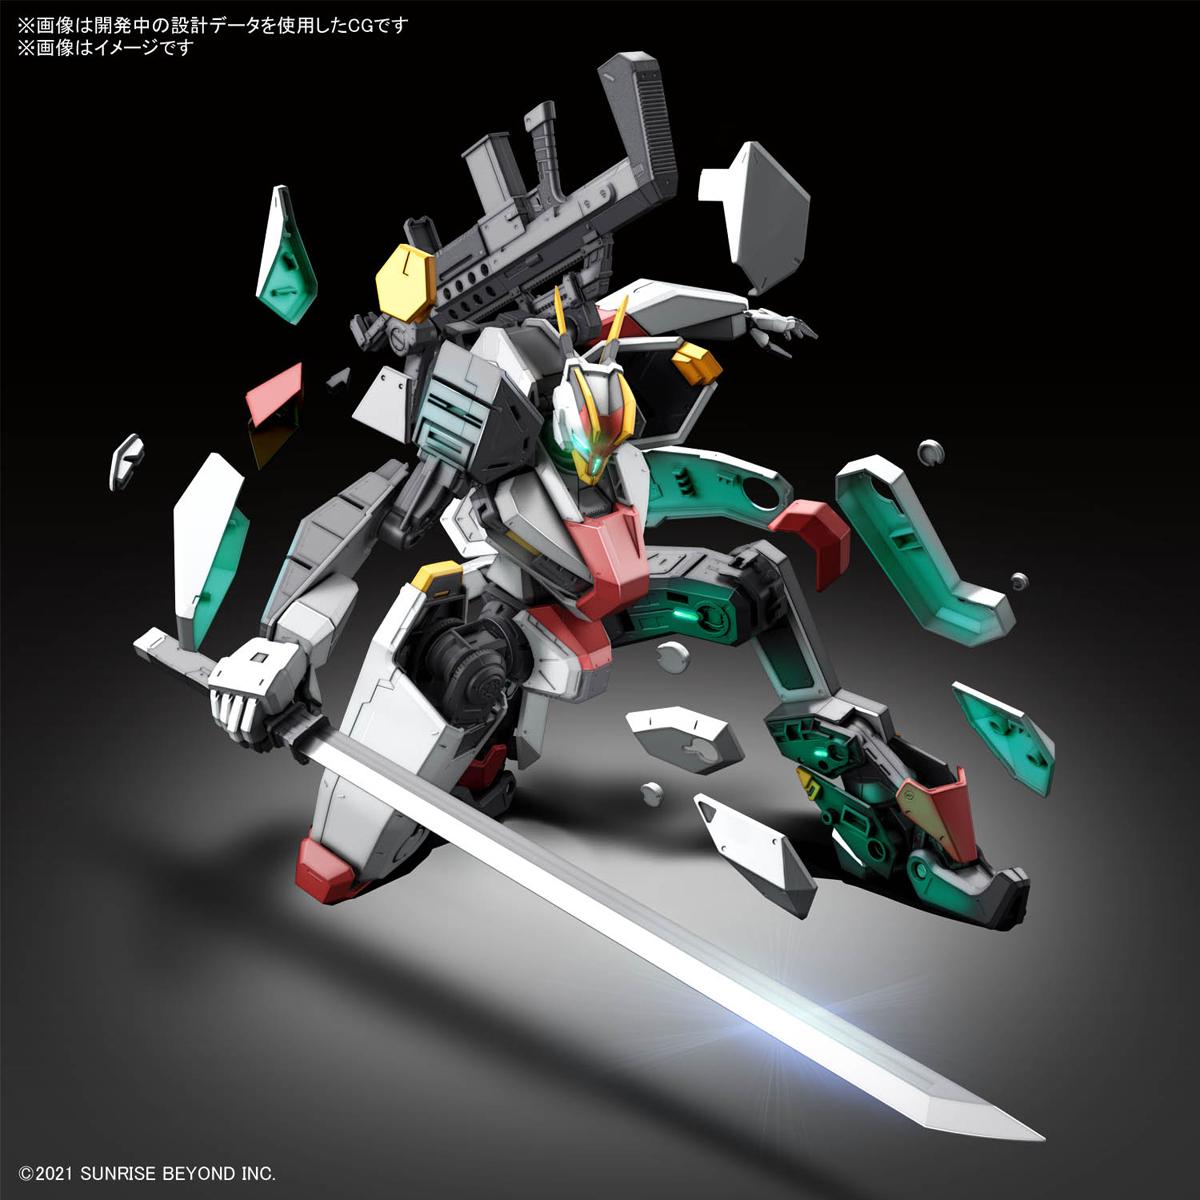 FULL MECHANICS 1/48『メイレスケンブ(初回限定クリア外装付き)』境界戦機 プラモデル-010